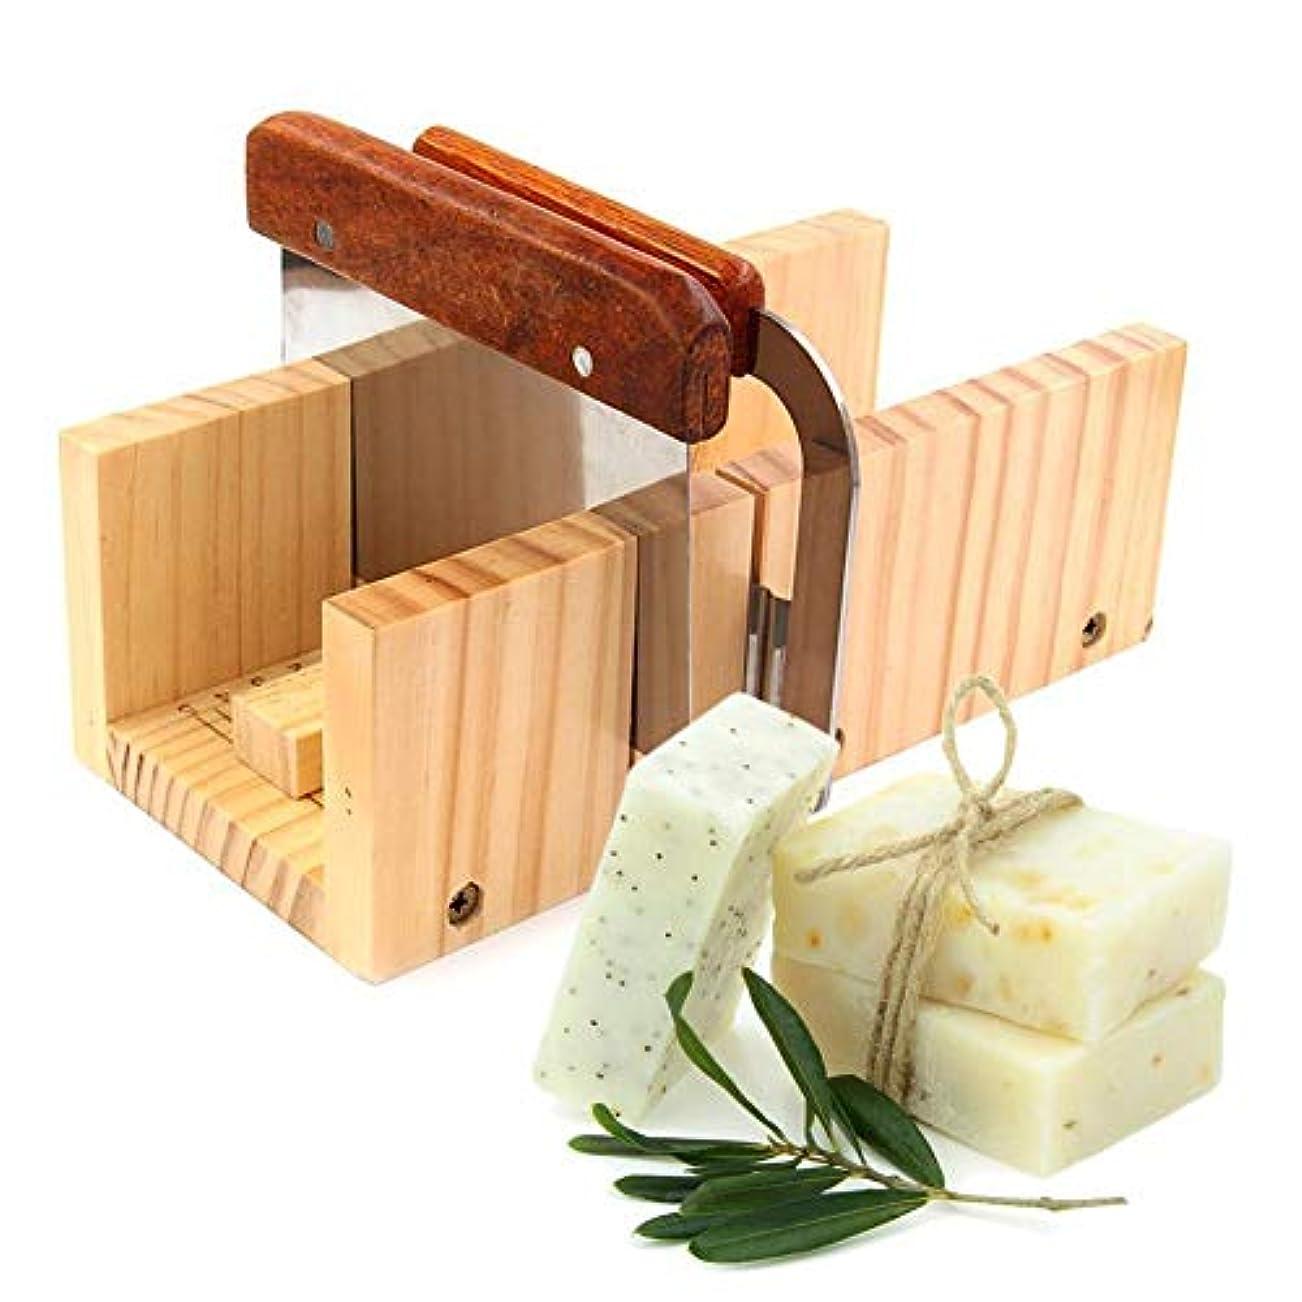 強度インタラクション小屋Ragem ソープカッター 手作り石鹸金型 木製 ローフカッターボックス 調整可能 多機能ソープ切削工具 ストレートプレーニングツール